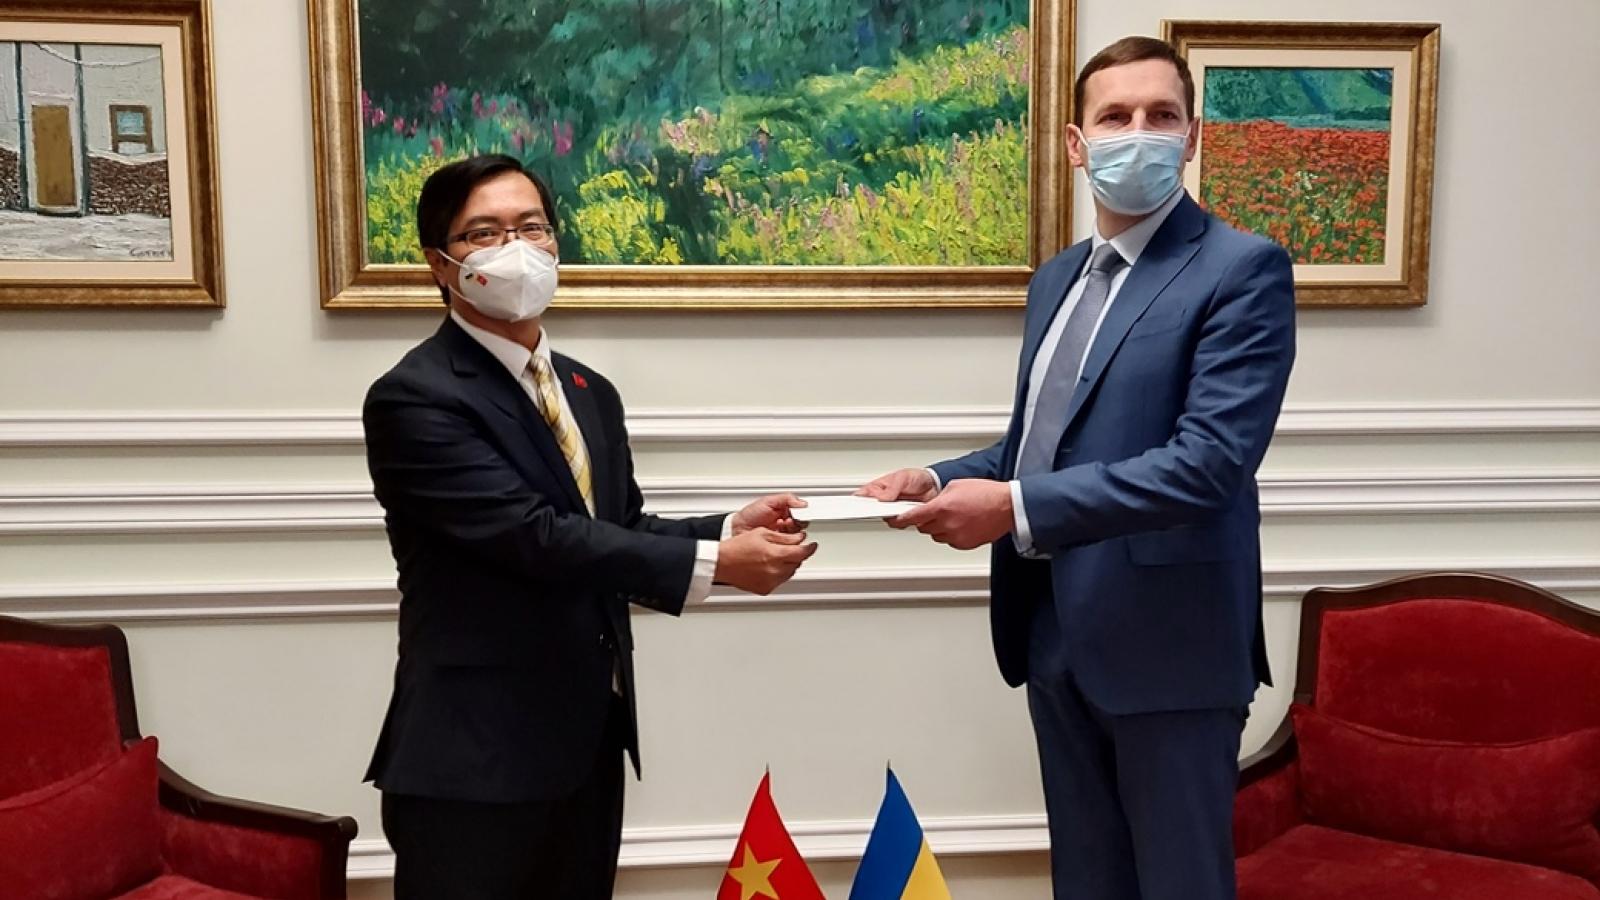 Đại sứ Việt Nam trình bản sao Uỷ nhiệm thư tới Bộ Ngoại giao Ukraine